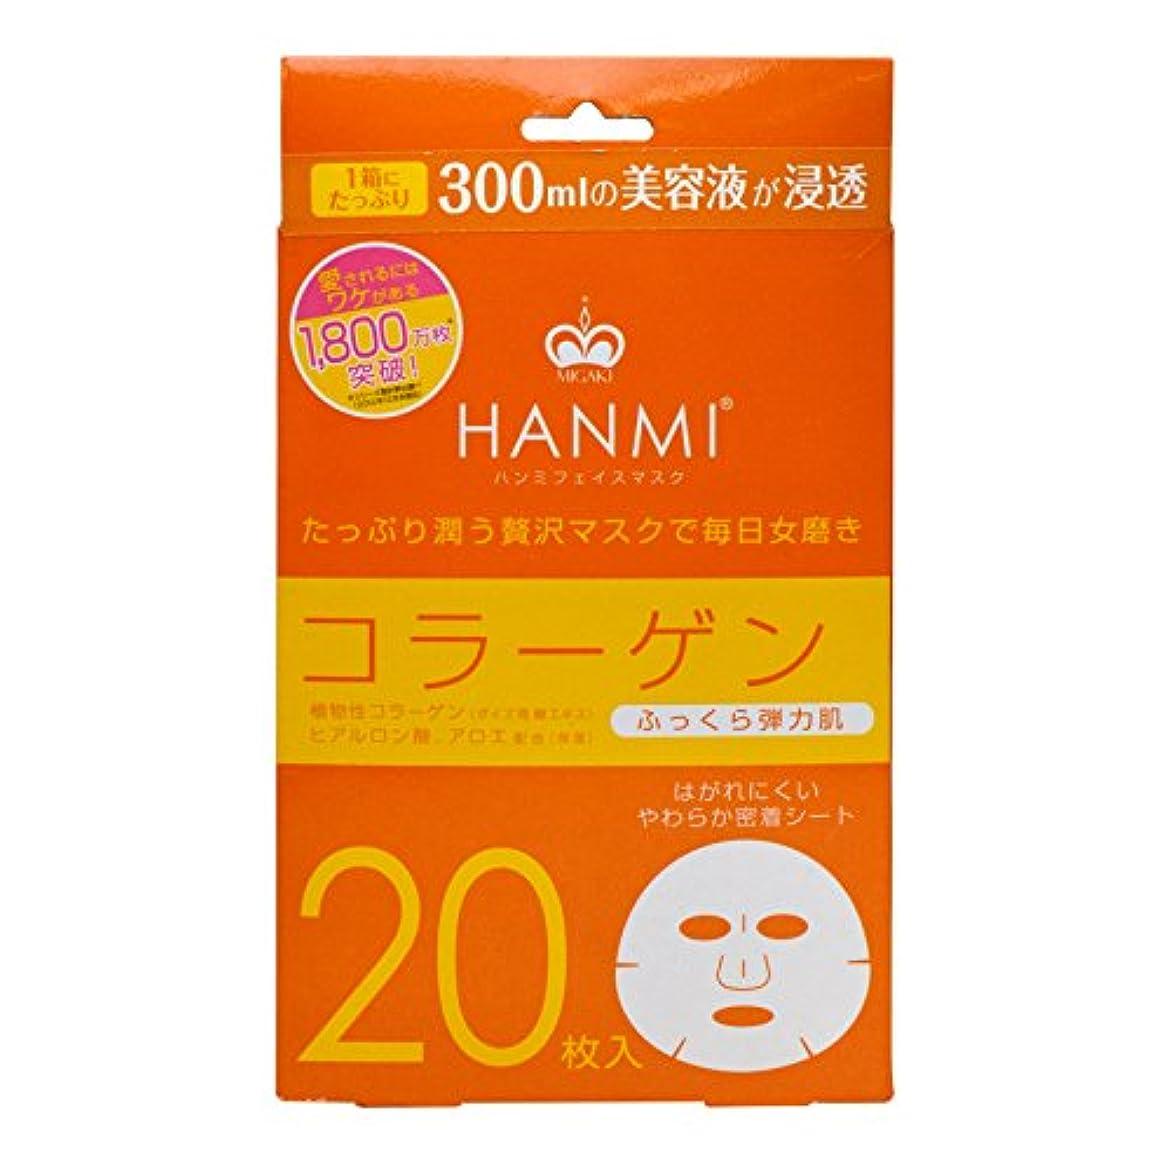 脅威冊子ジャンルMIGAKI ハンミフェイスマスク コラーゲン 20枚入り